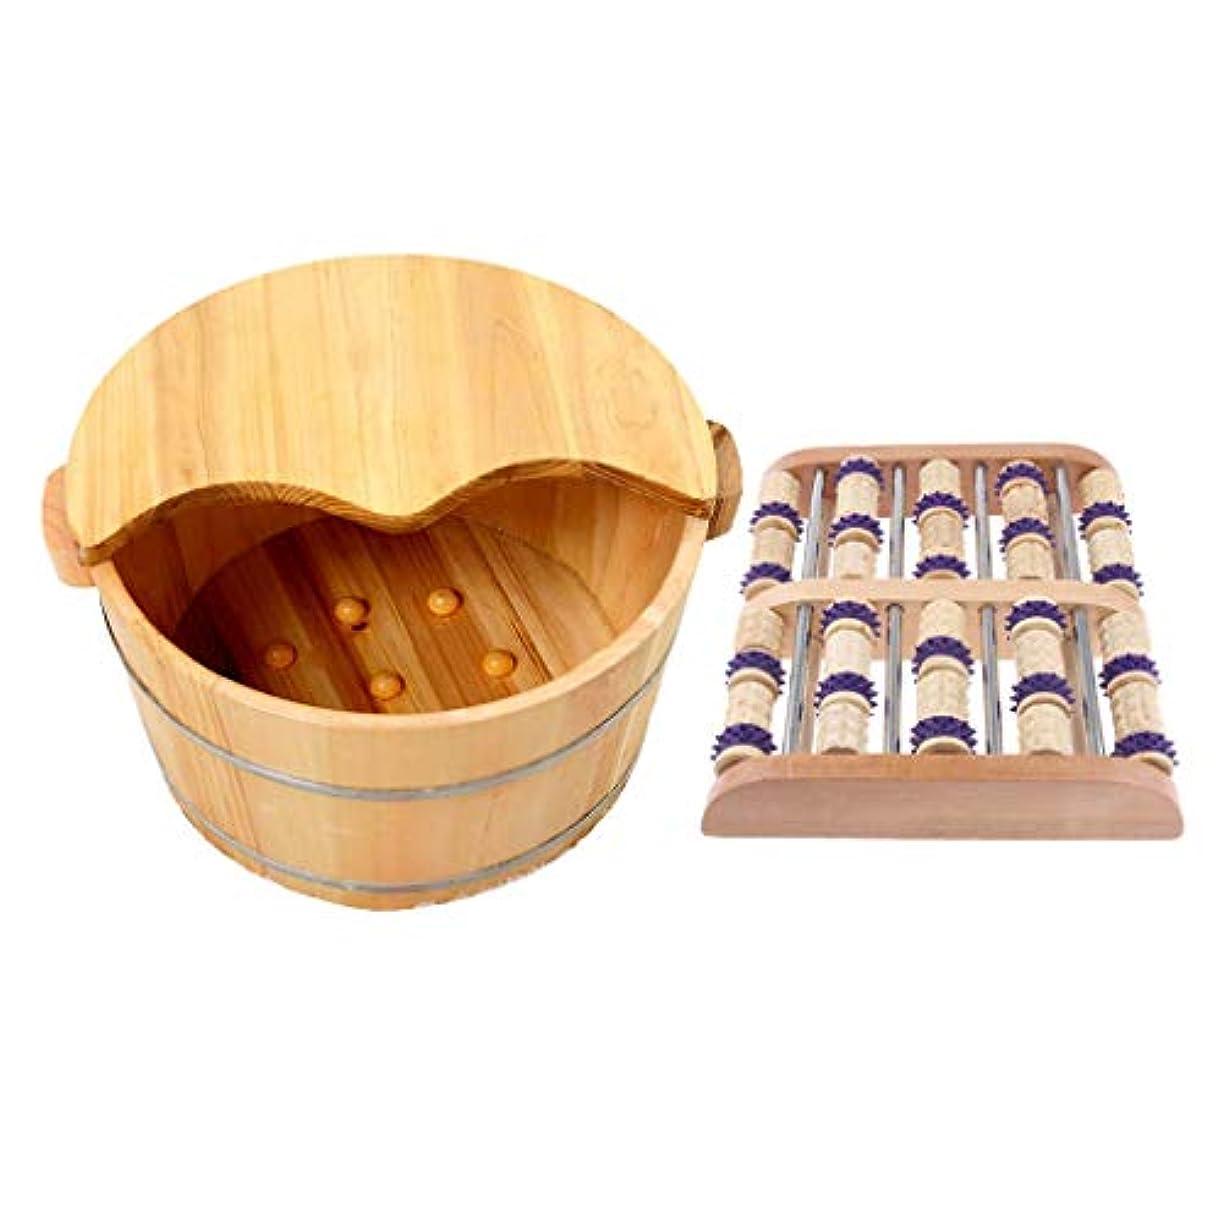 減らす真実に散文gazechimp 足つぼ マット マッサージフット 手作りウッド タイトステッチ 足裏 ツボ押健康木製の足の洗面台付き